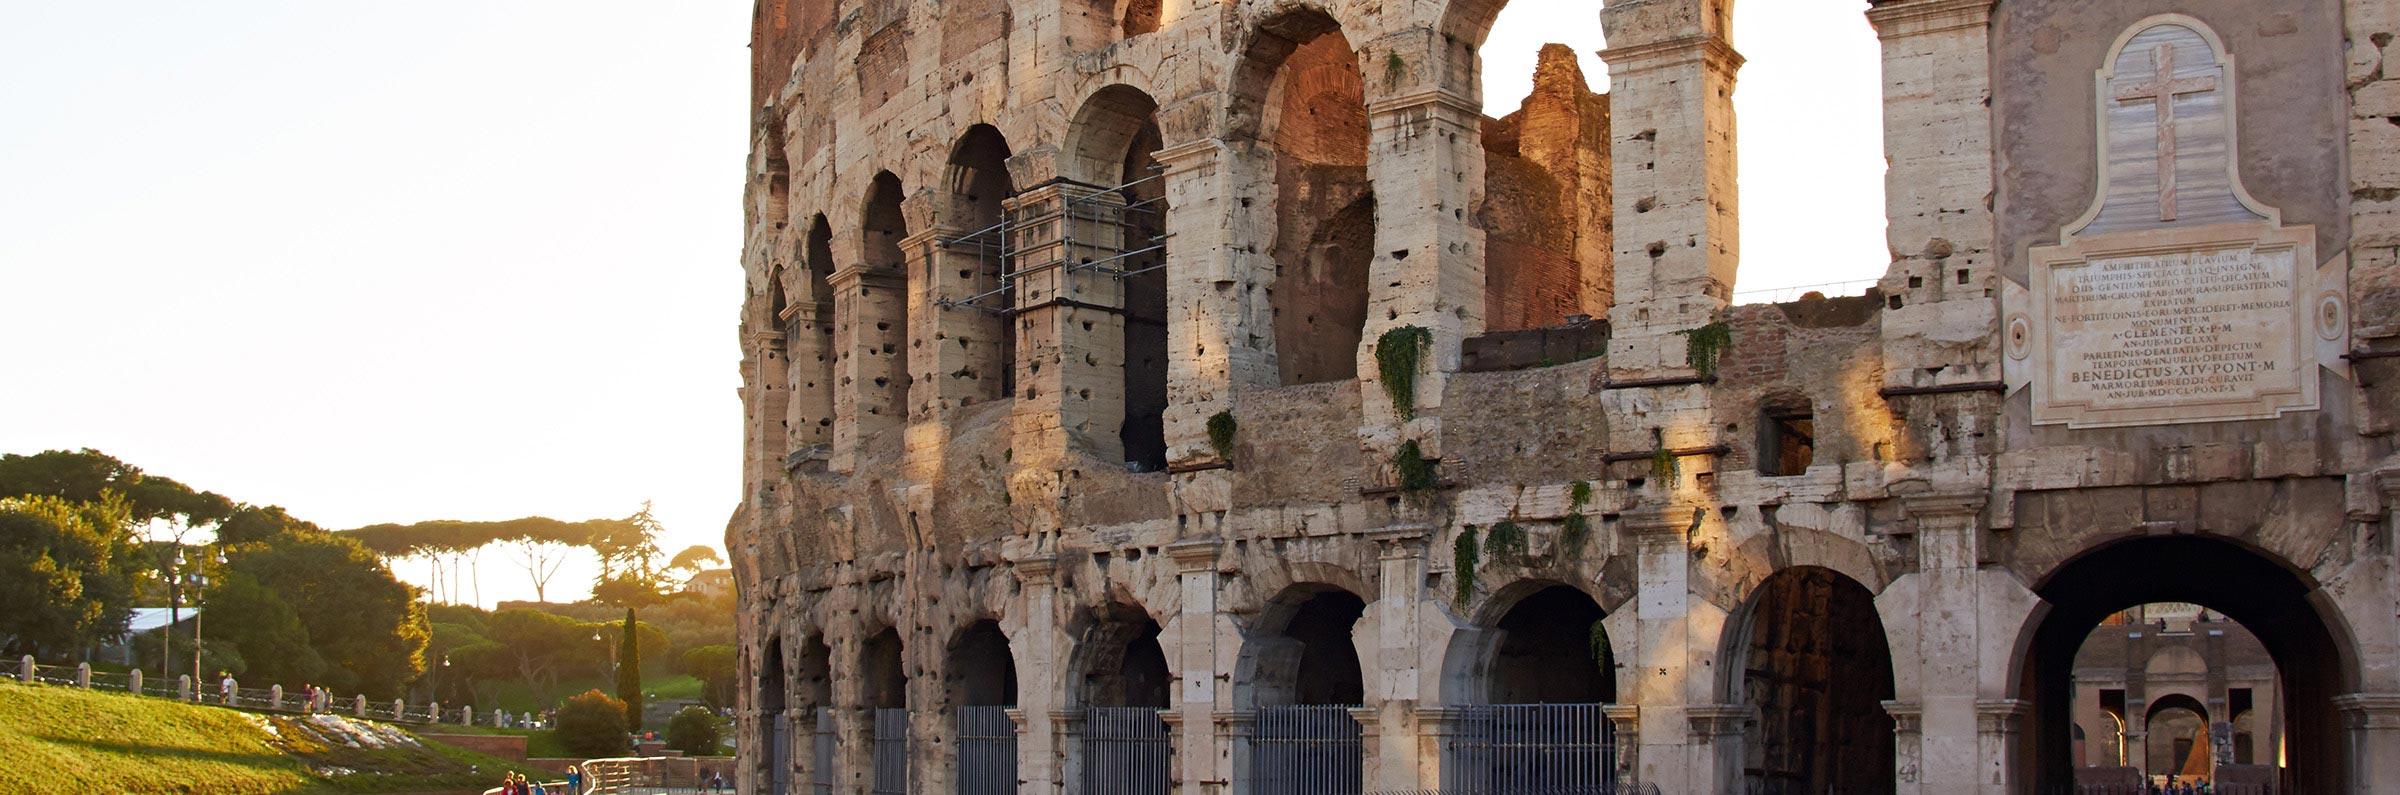 Luoghi e attrazioni in Roma